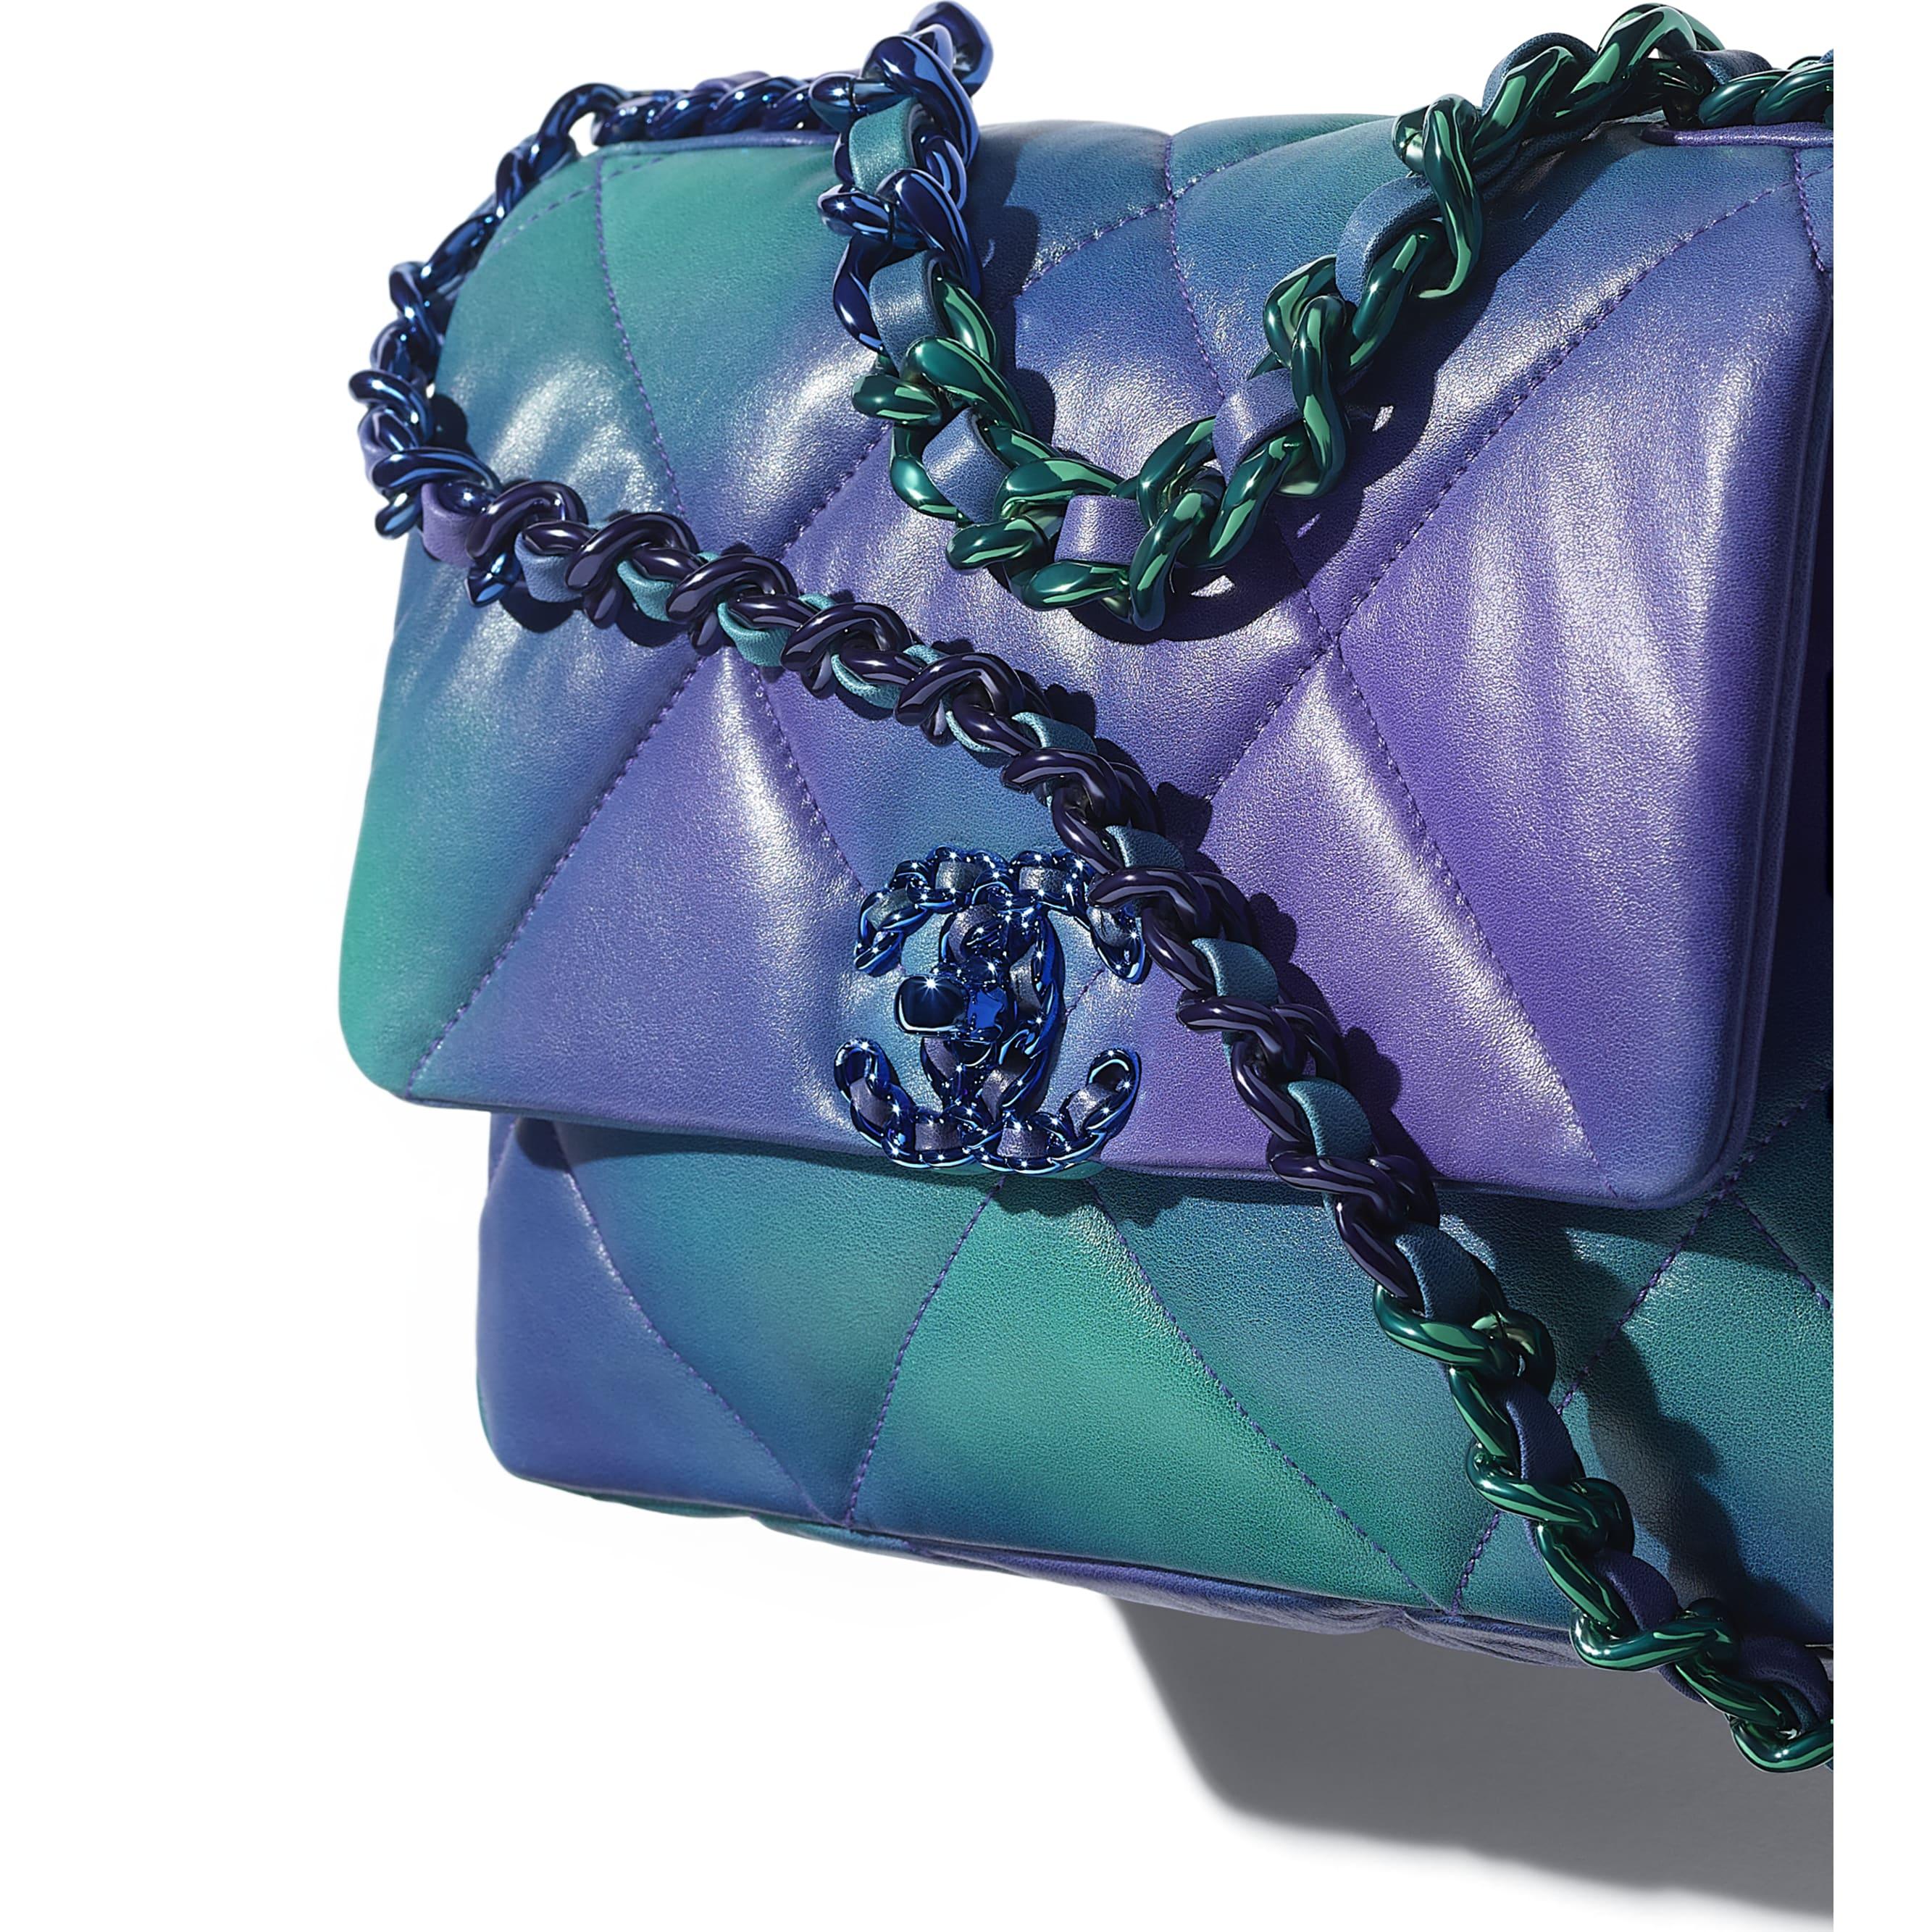 Sac à rabat CHANEL 19 - Bleu et violet - Veau tie and dye & métal laqué - CHANEL - Vue supplémentaire - voir la version taille standard